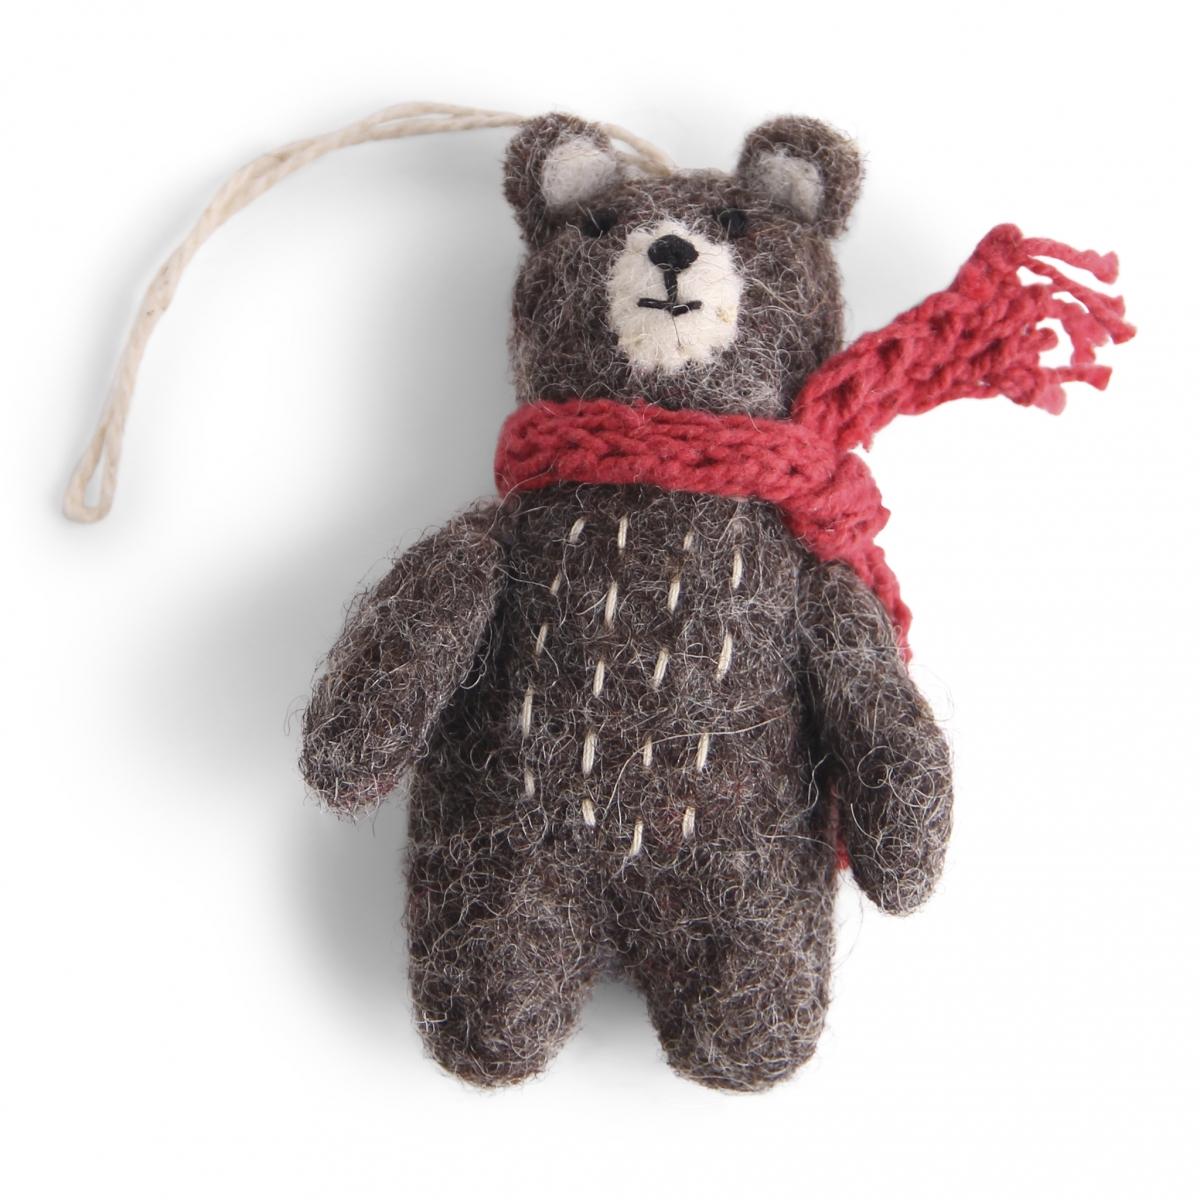 Petit ours gris en laine feutrée à suspendre écharpe rouge